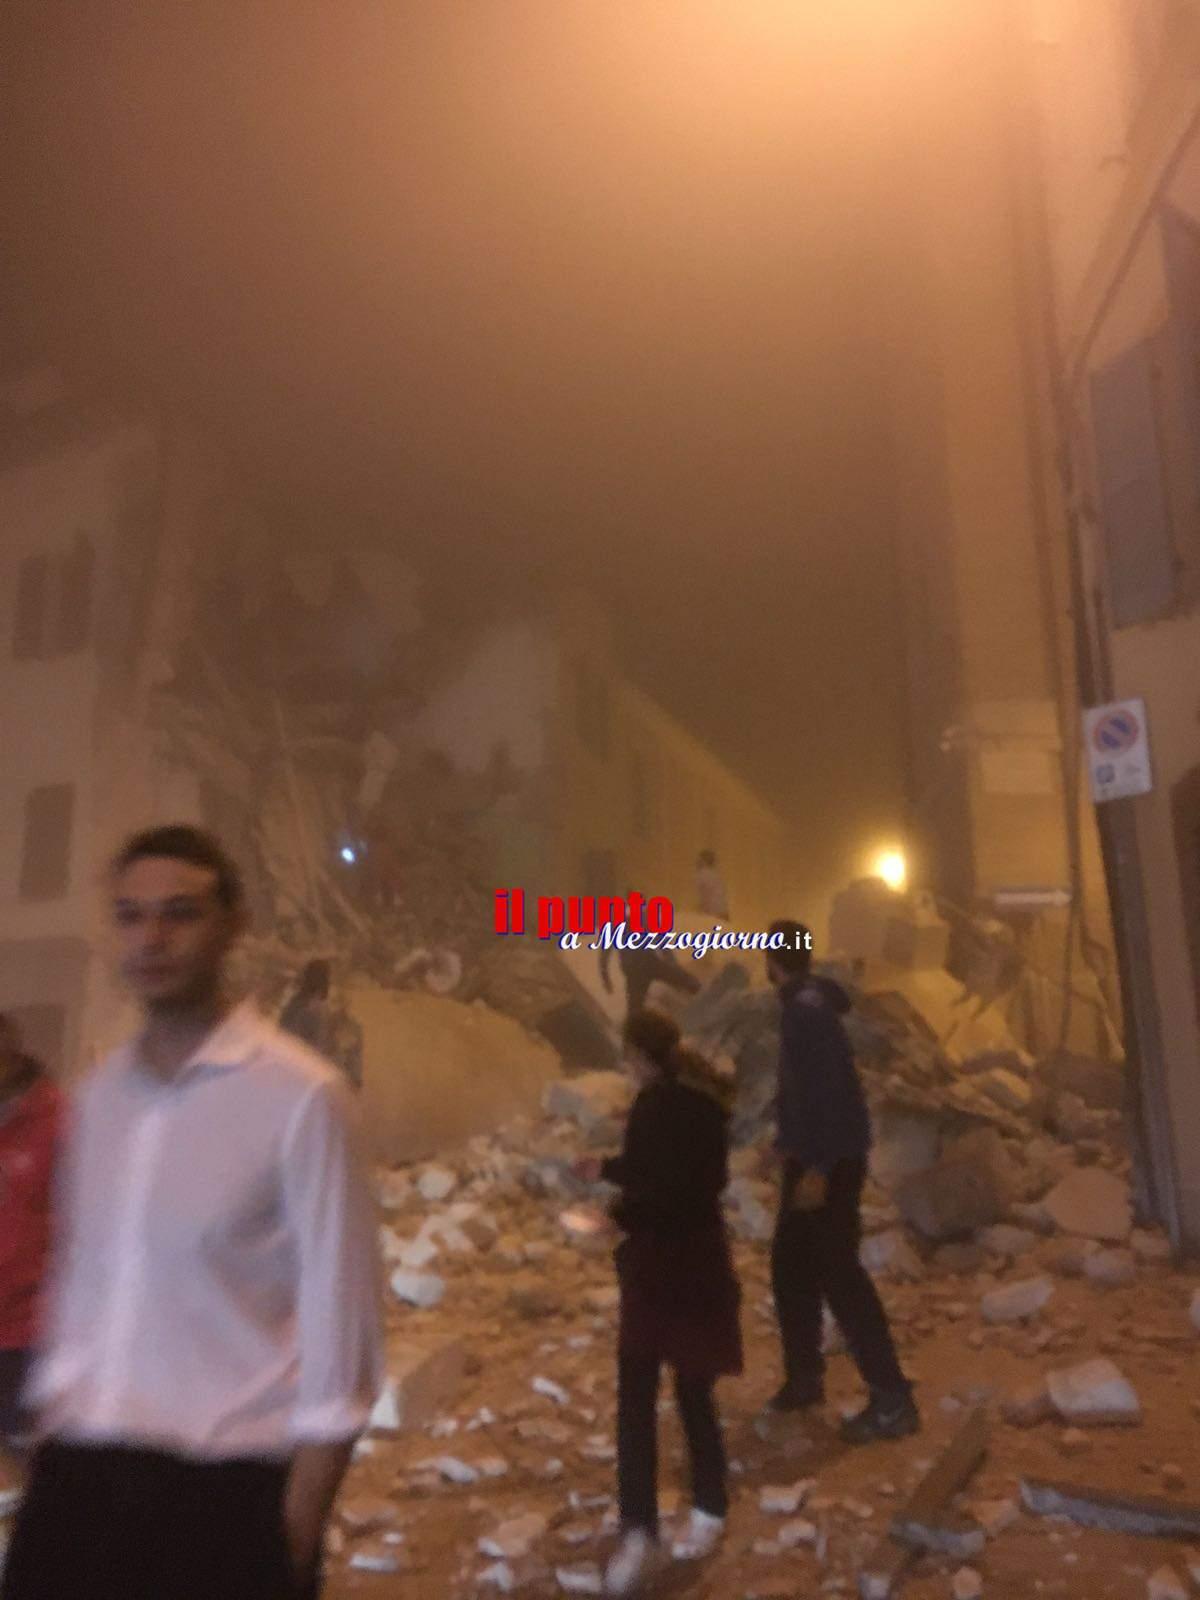 Terremoto, terrore nel centro Italia. Centinaia di scosse